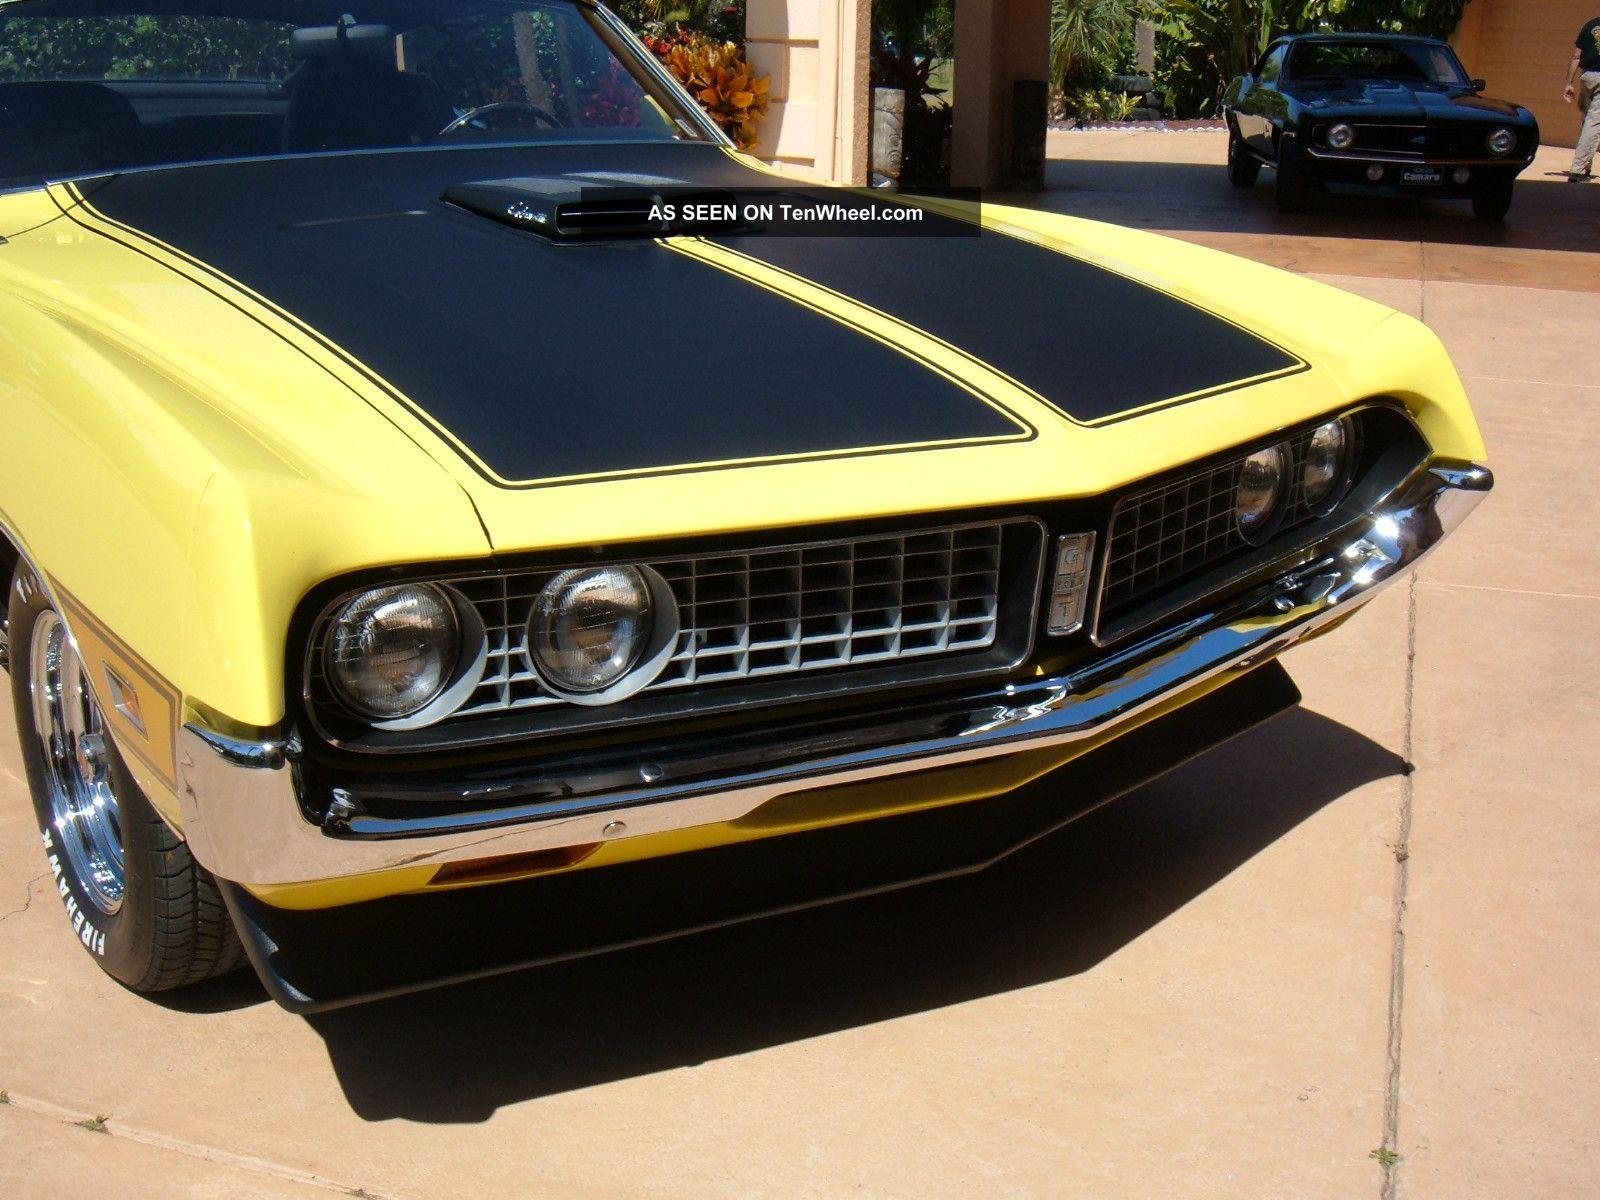 1971 Ford Torino Gt, Grabber Yellow, 351, 4 Spd, Shaker Hood